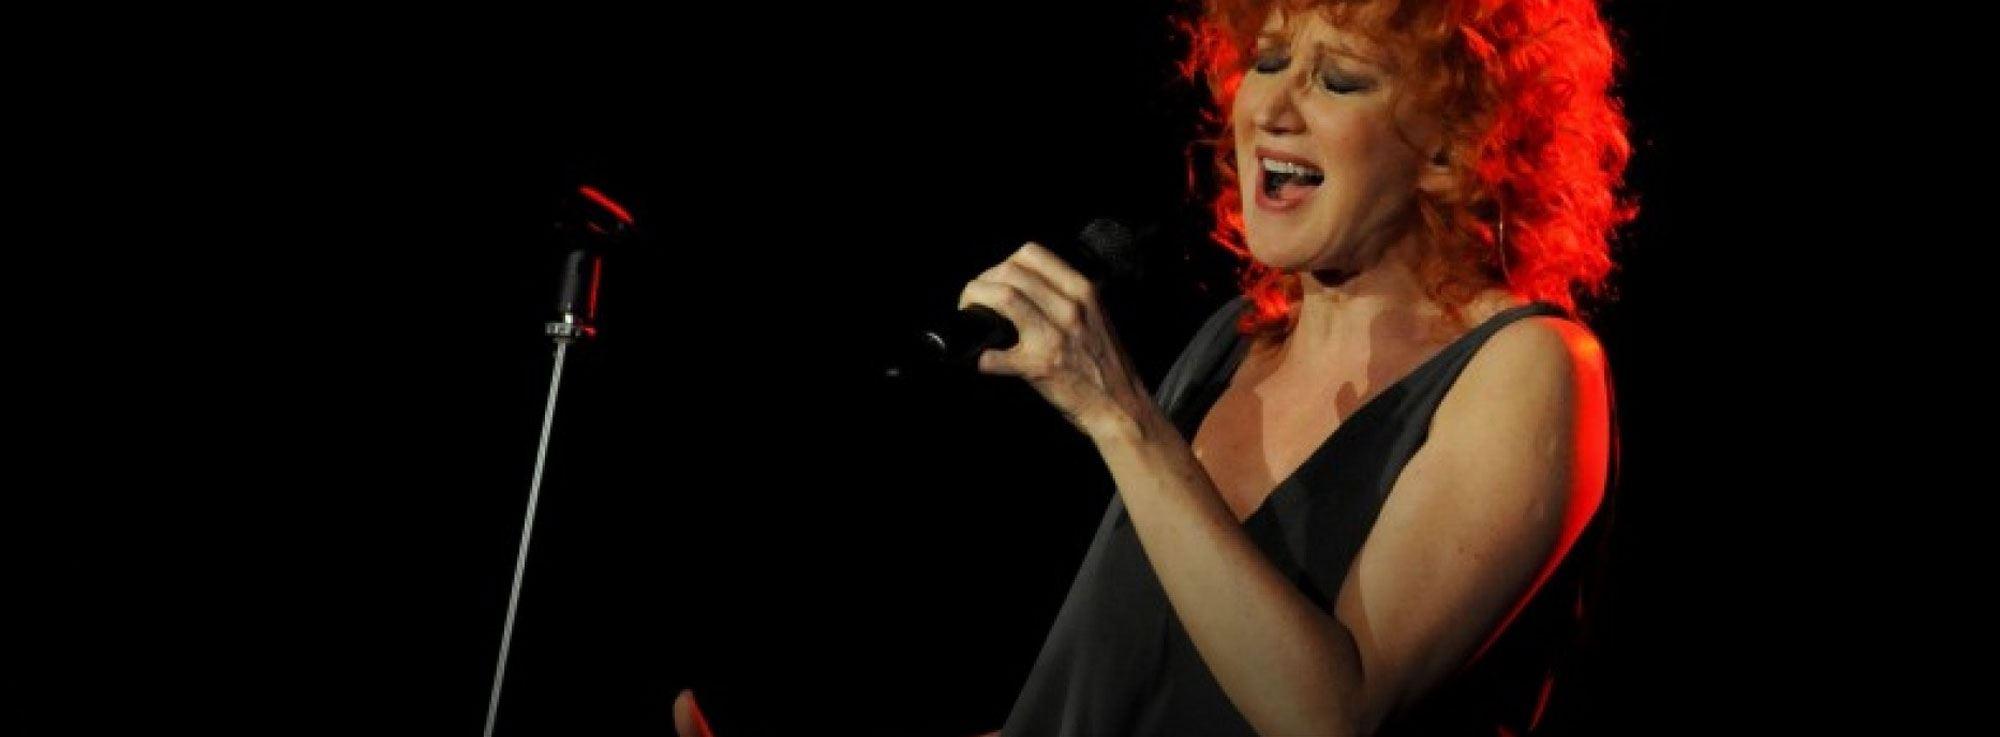 Lecce: Fiorella Mannoia, Combattente Tour